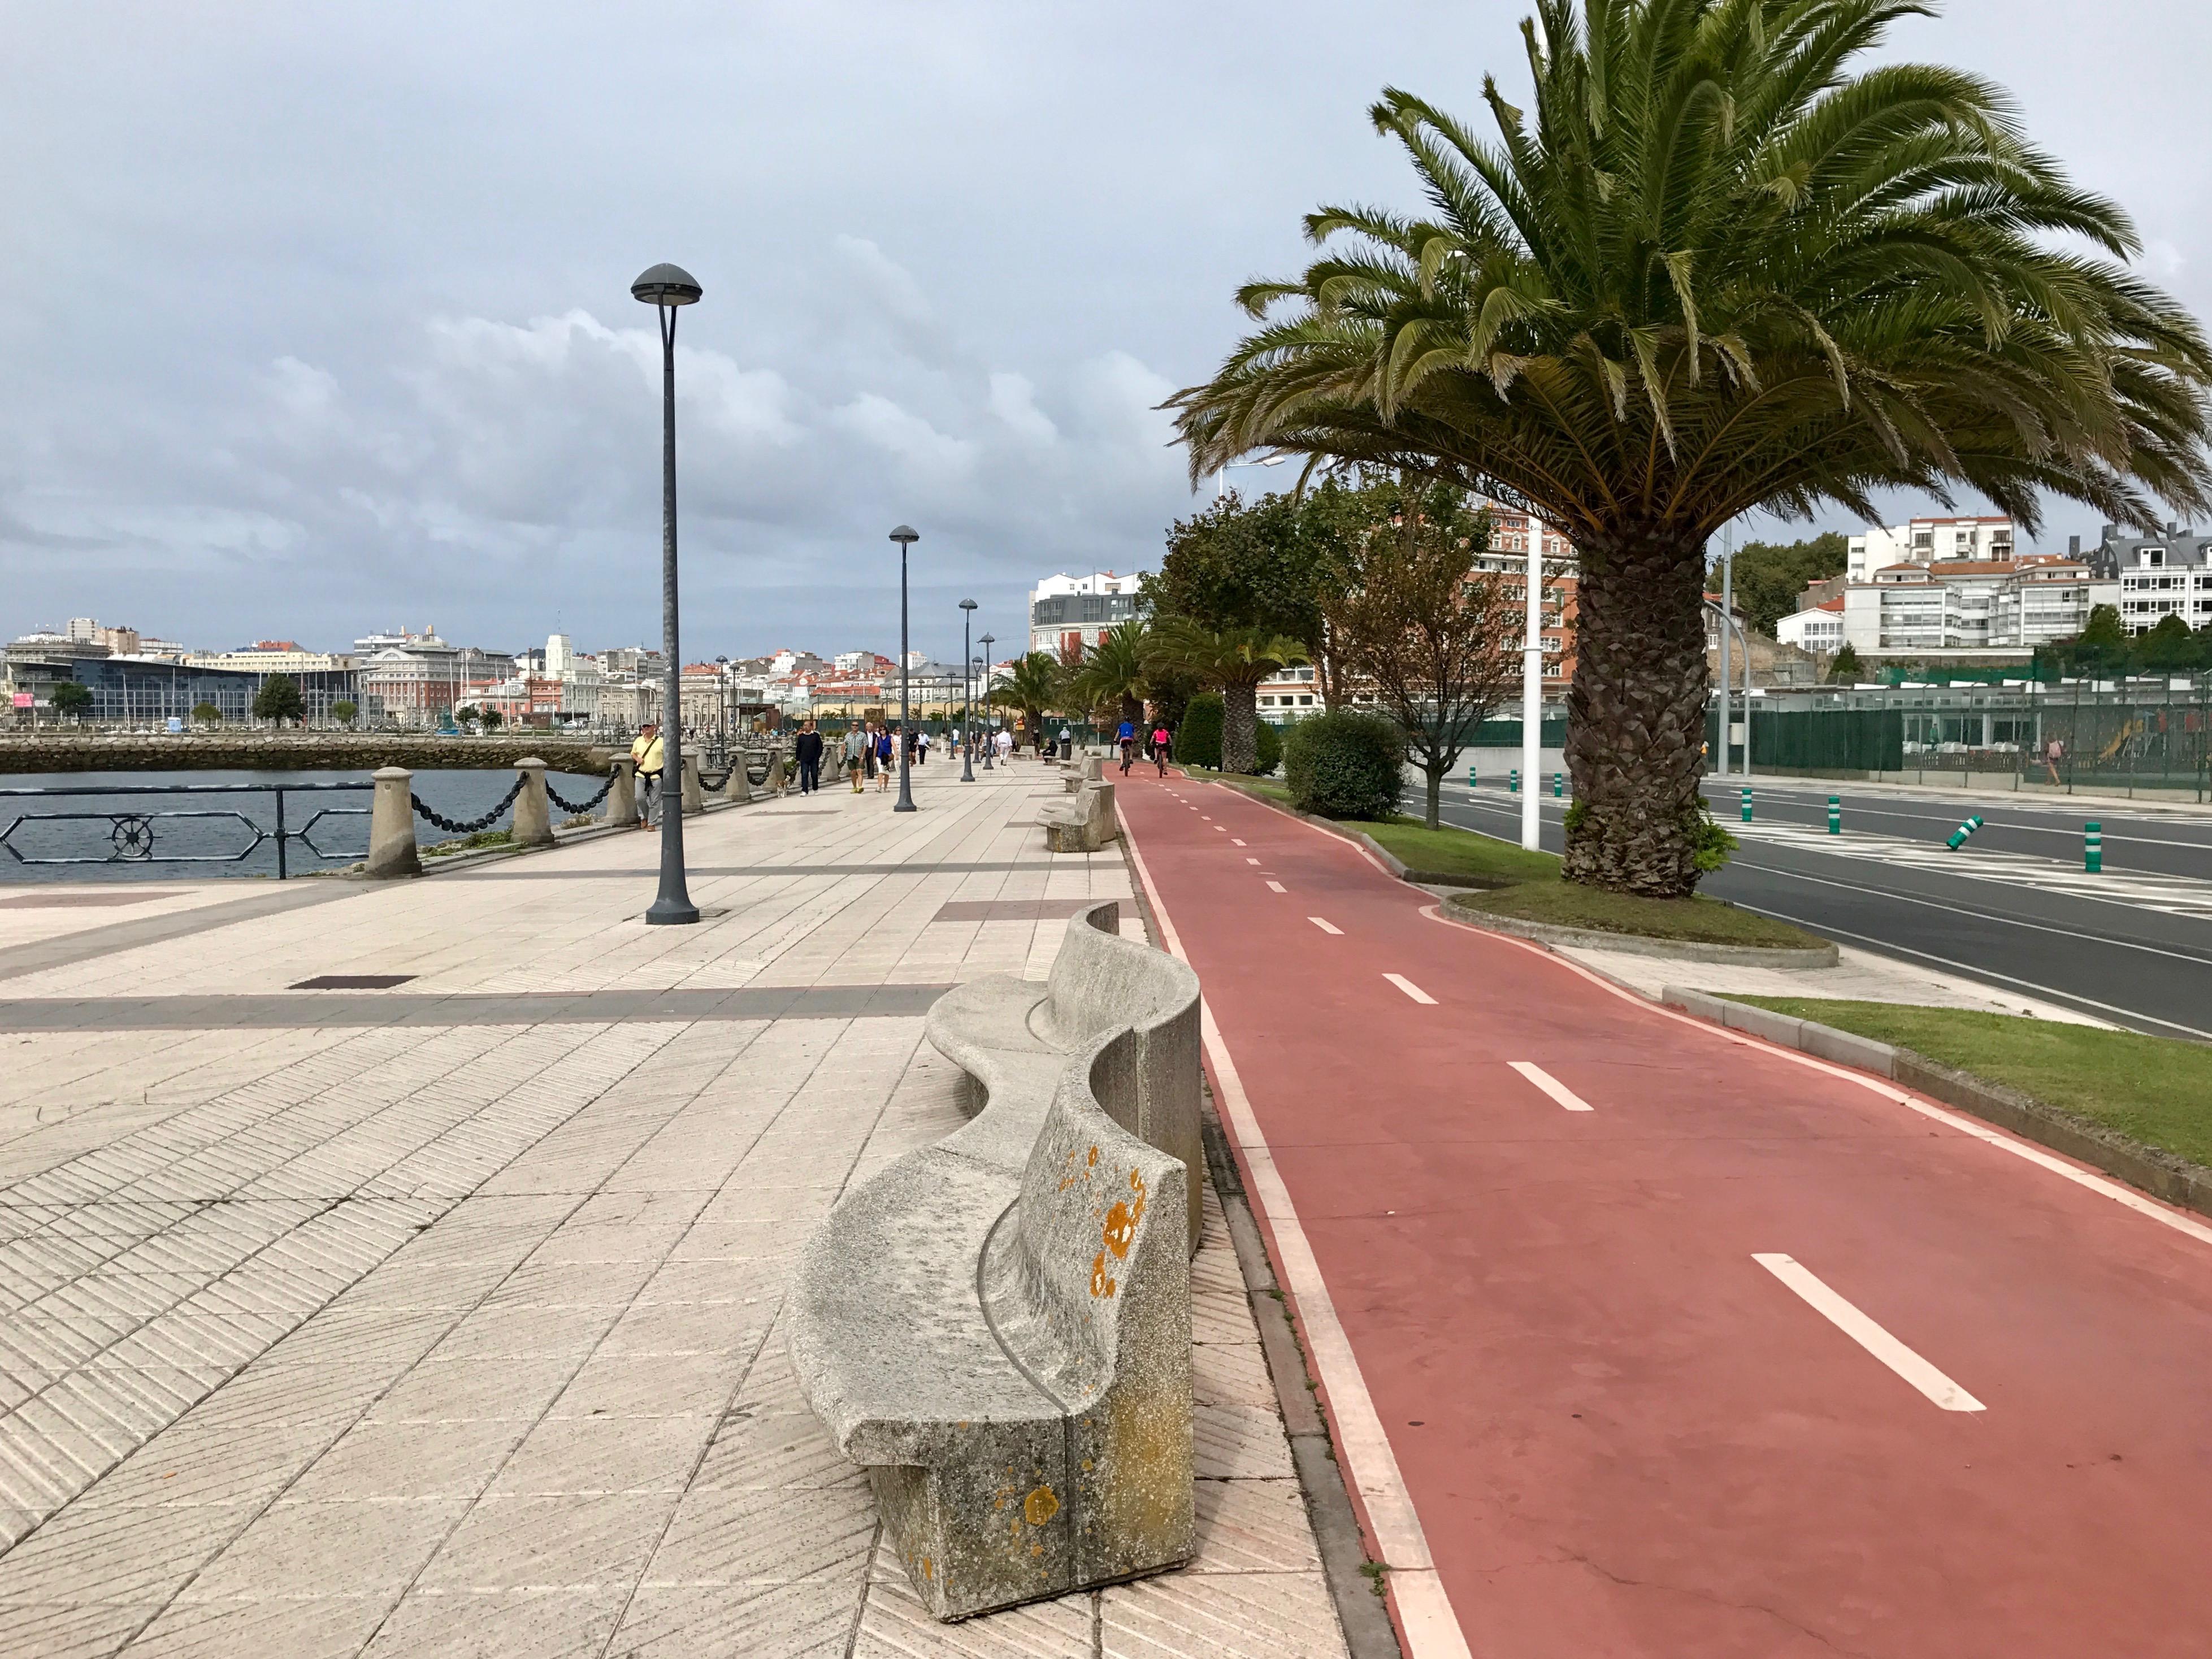 Strandpromenaden A Coruña